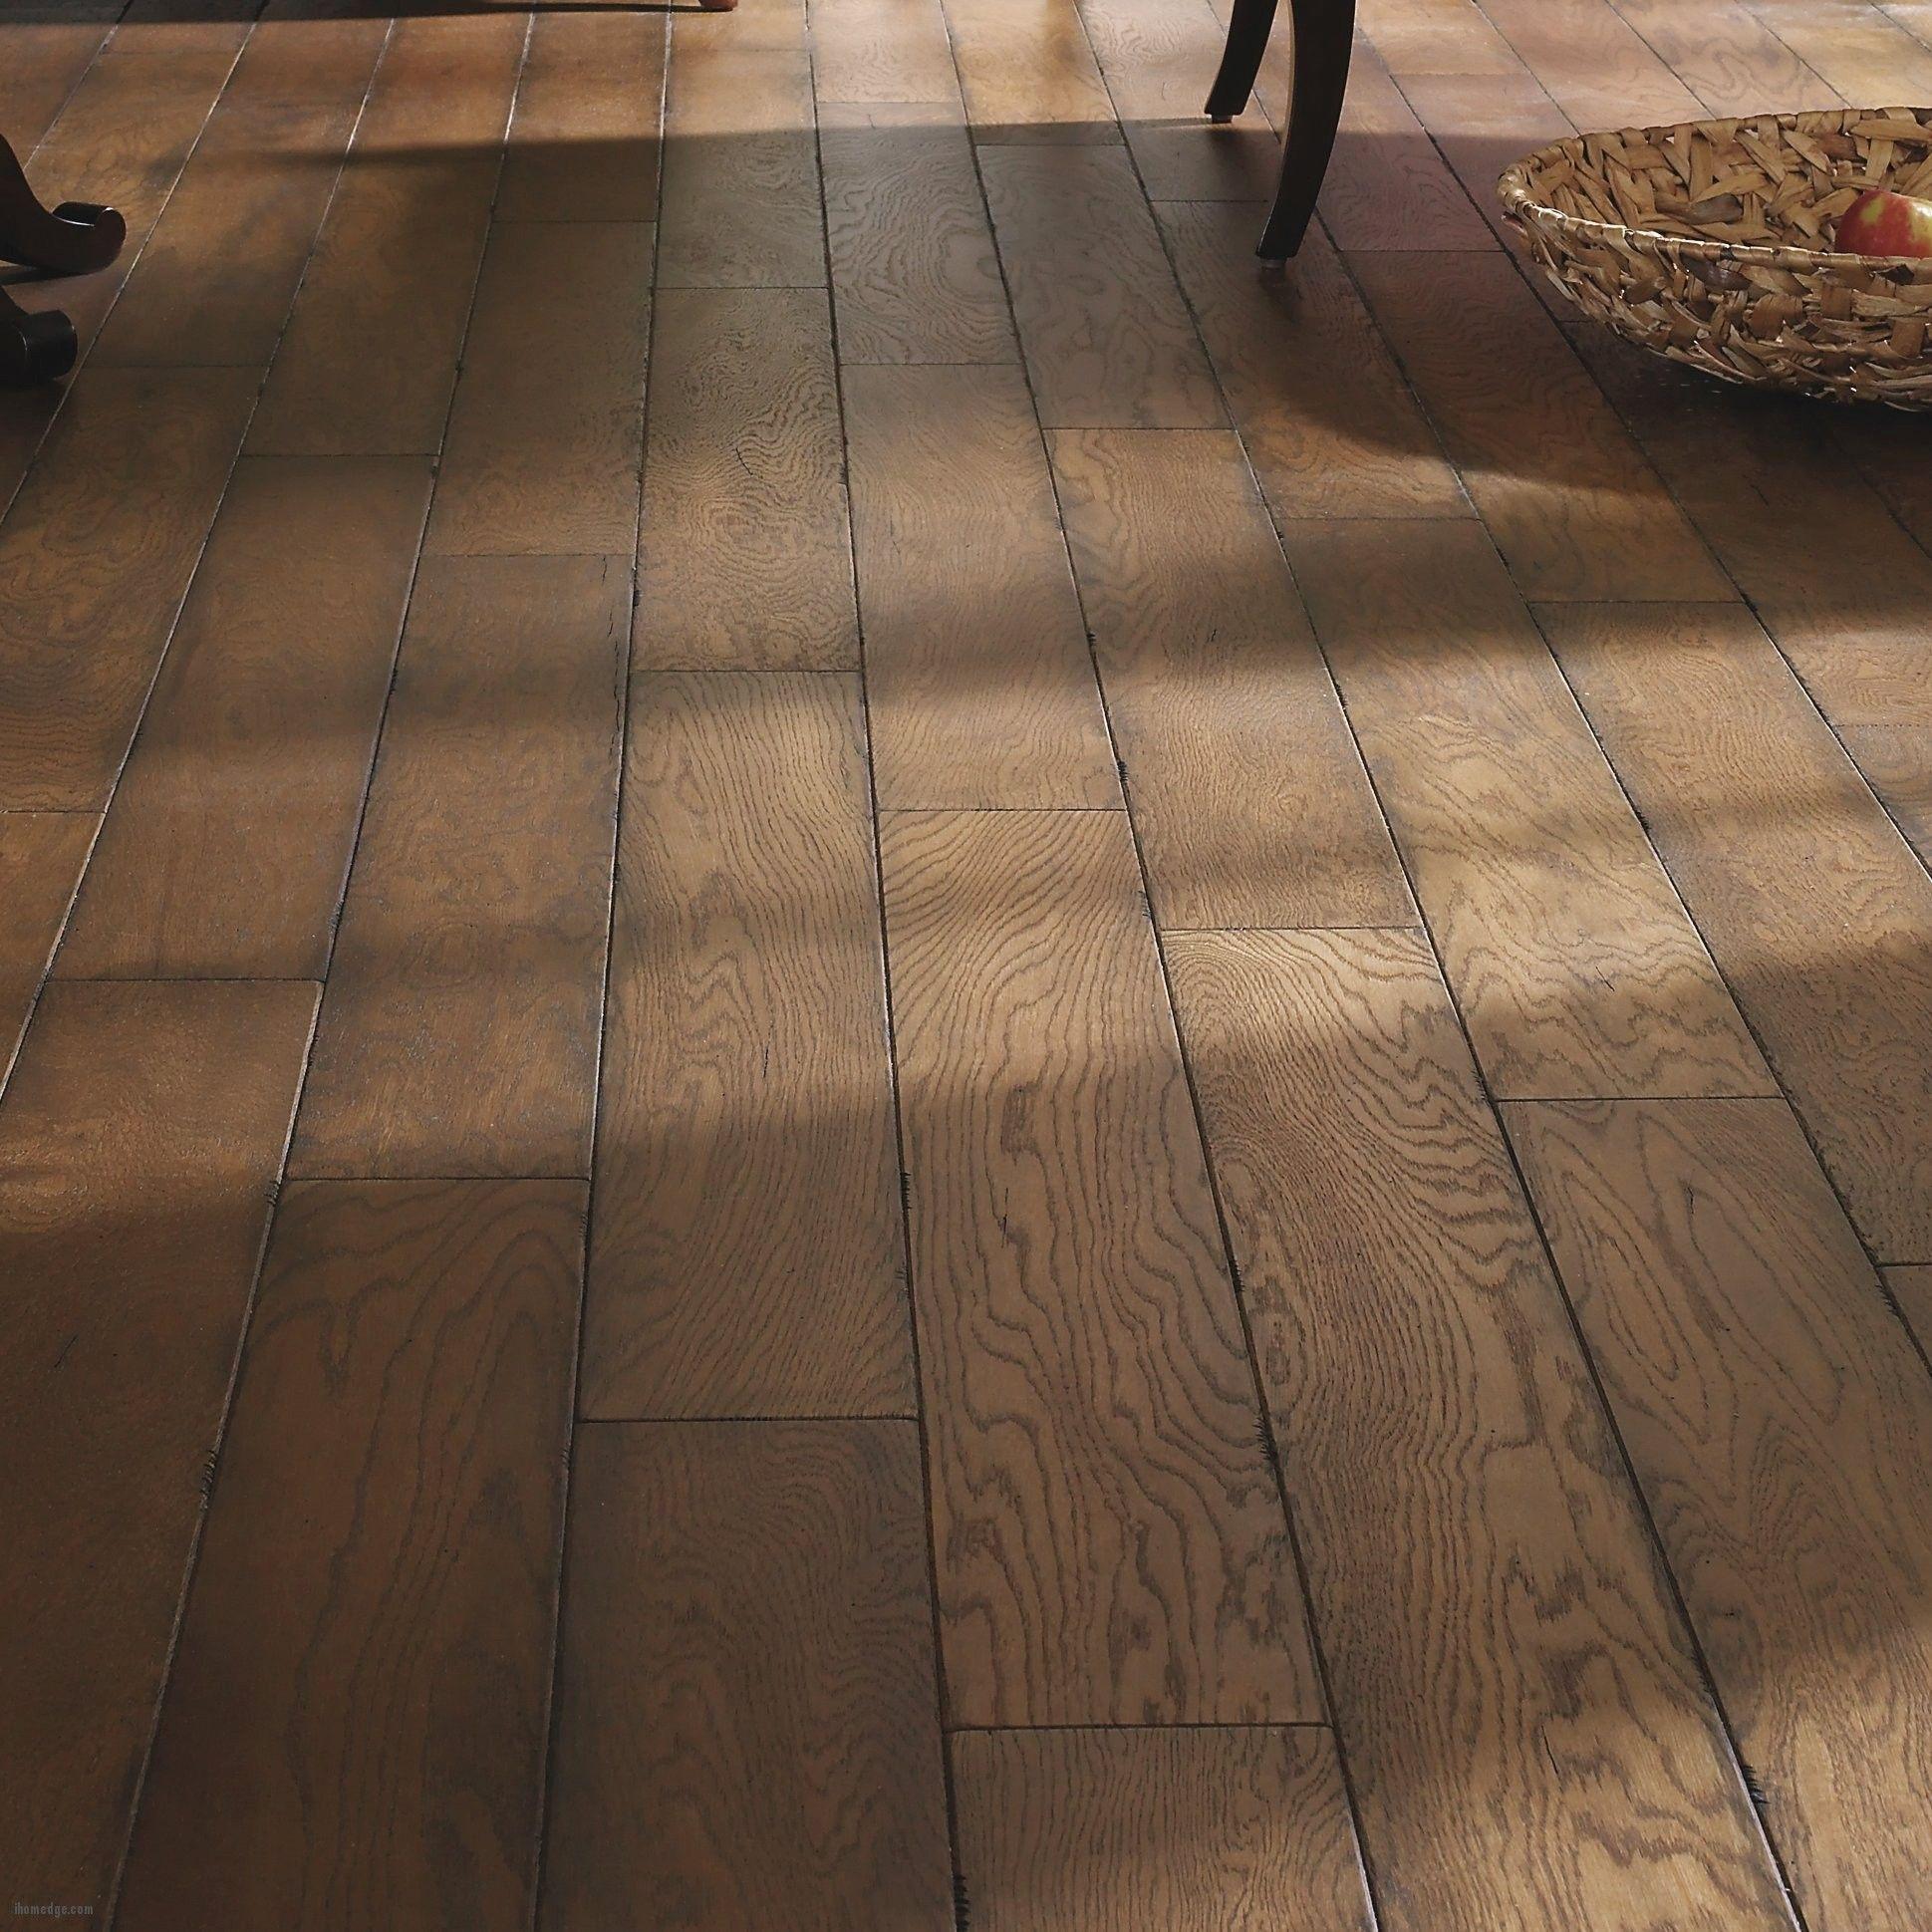 10 Popular How To Make Wood Filler For Hardwood Floors